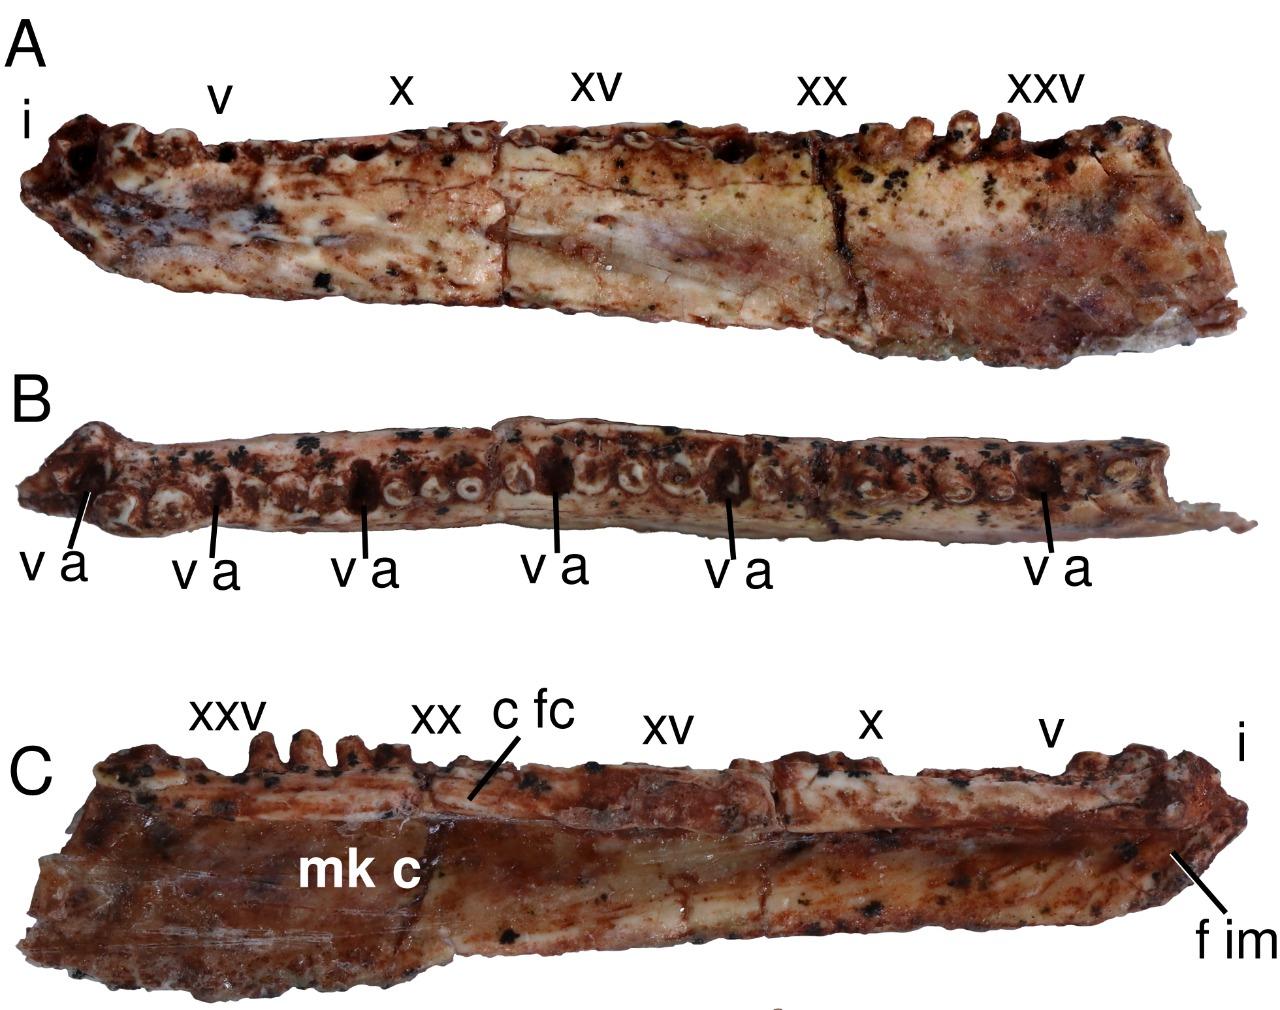 Imagem da mandíbula do fóssil do Karutia fortunata